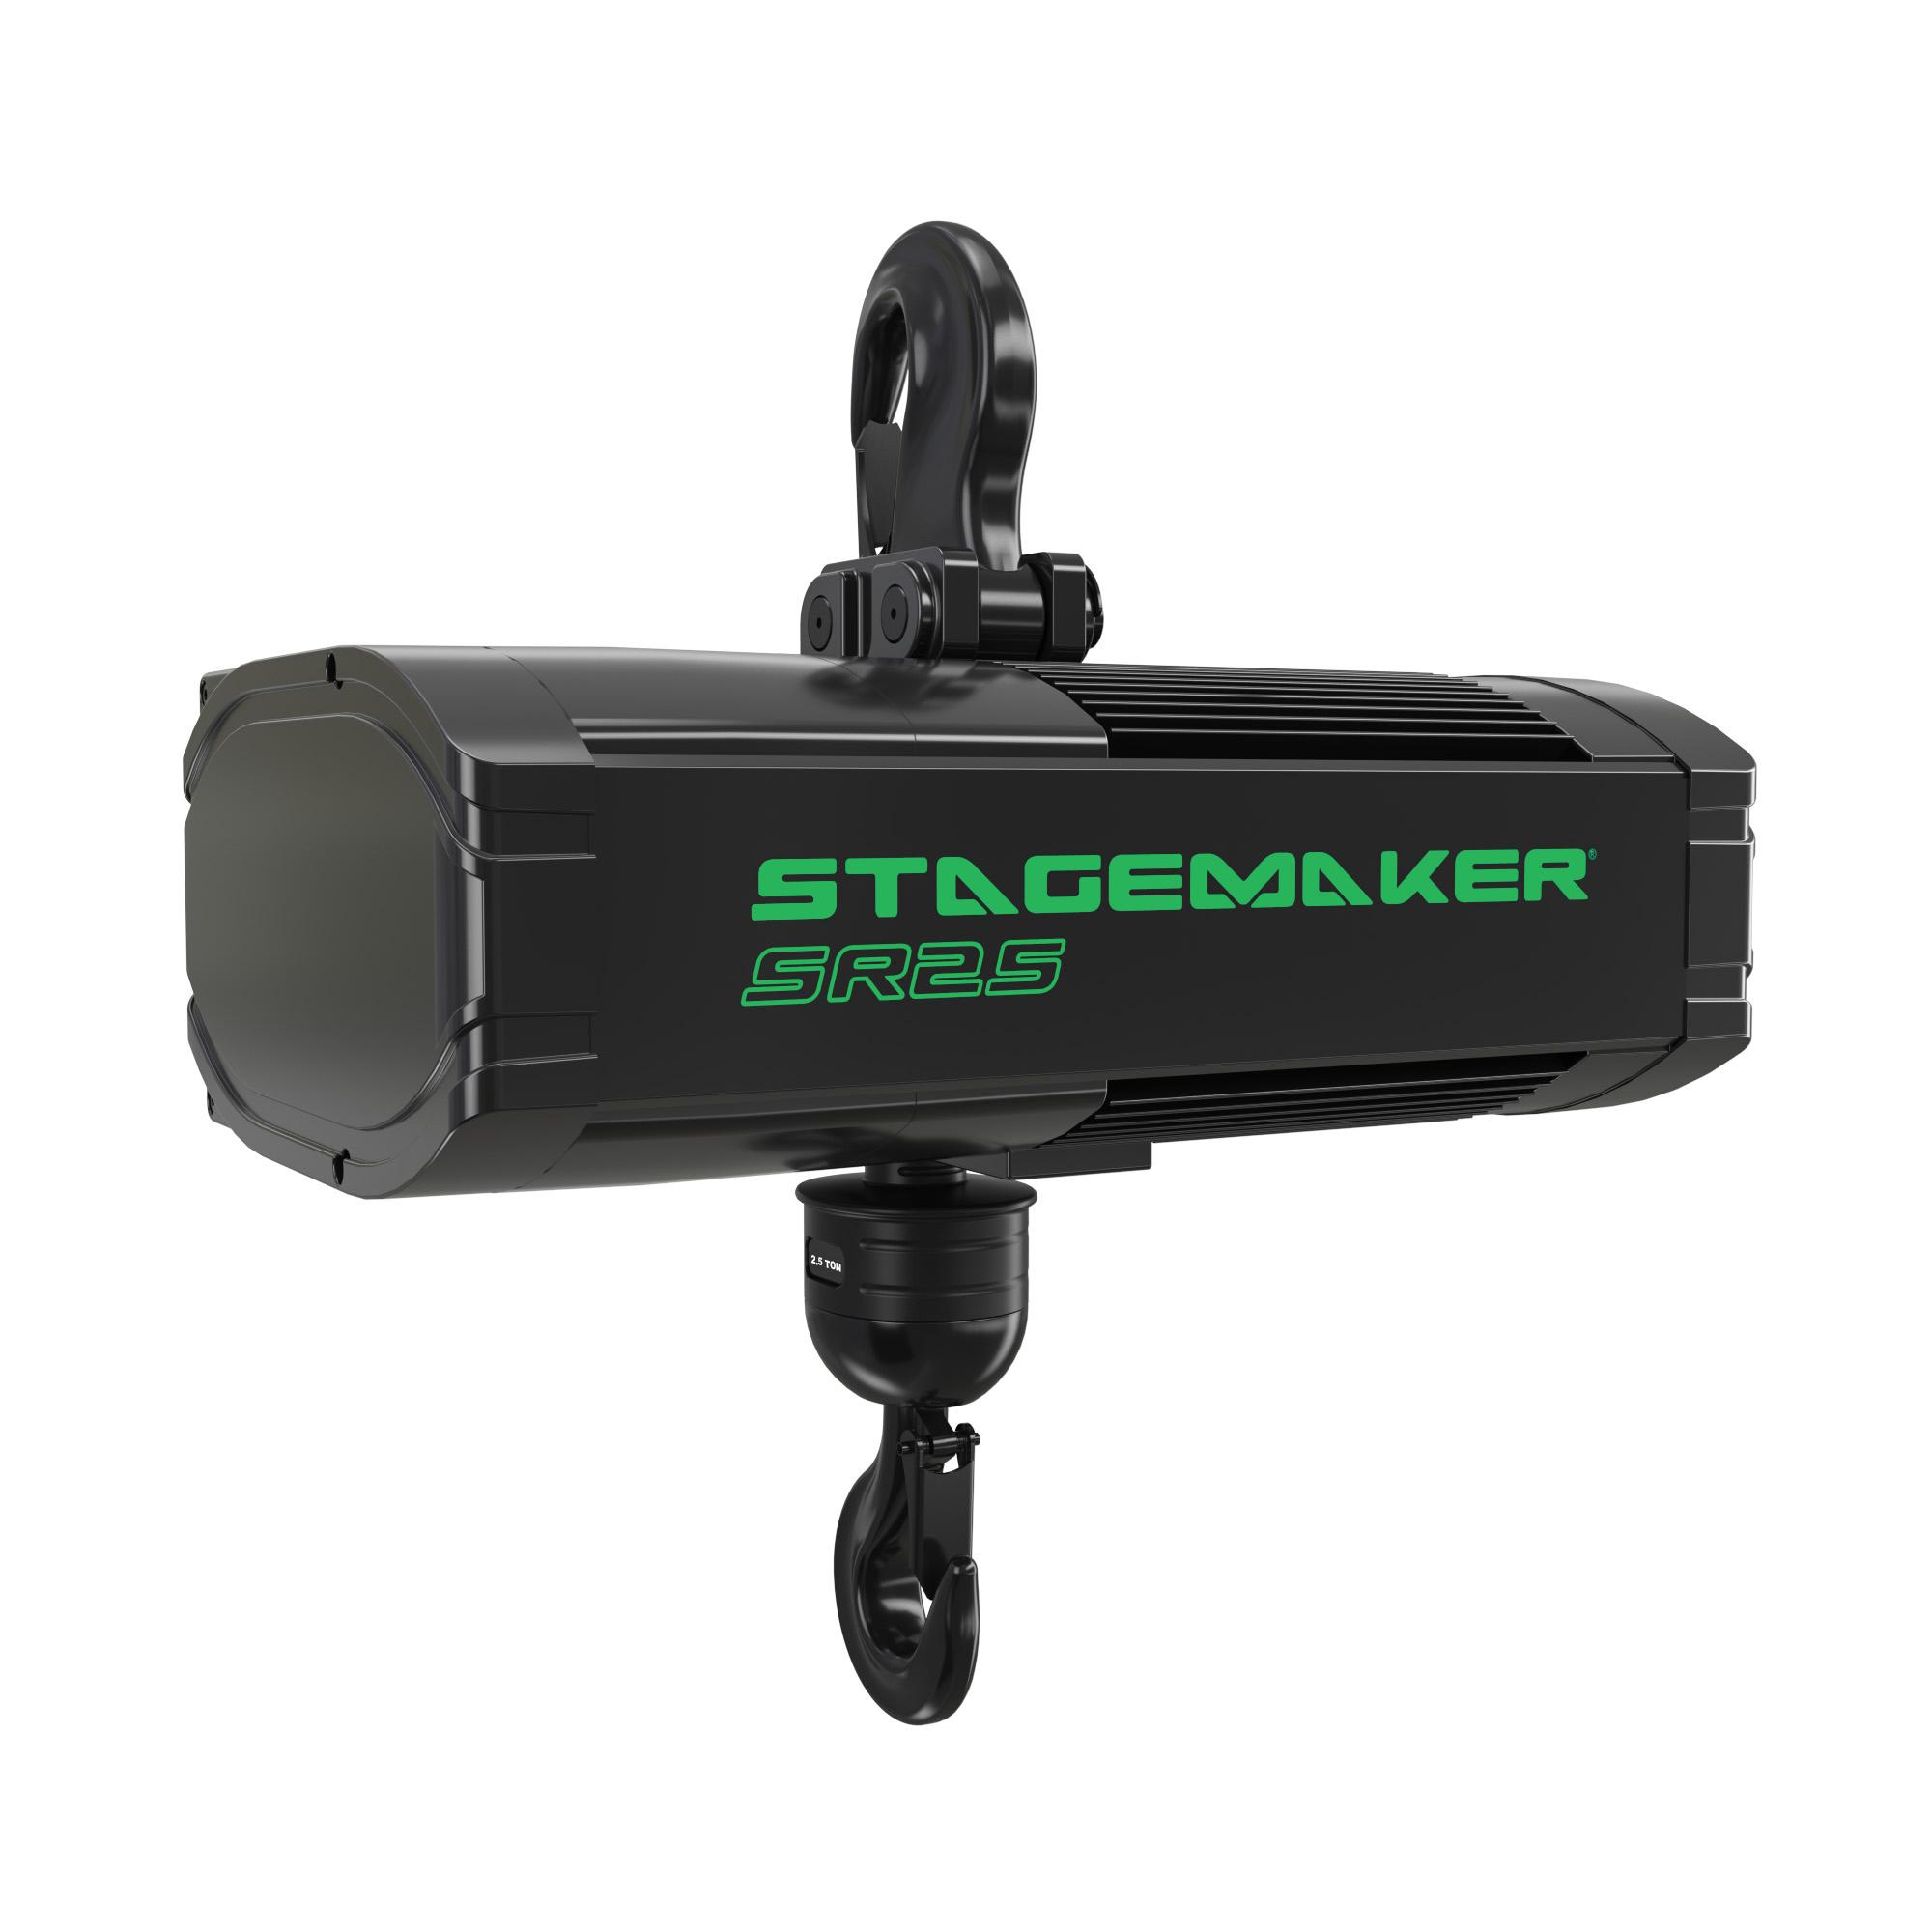 Stagemaker SR25 Motor